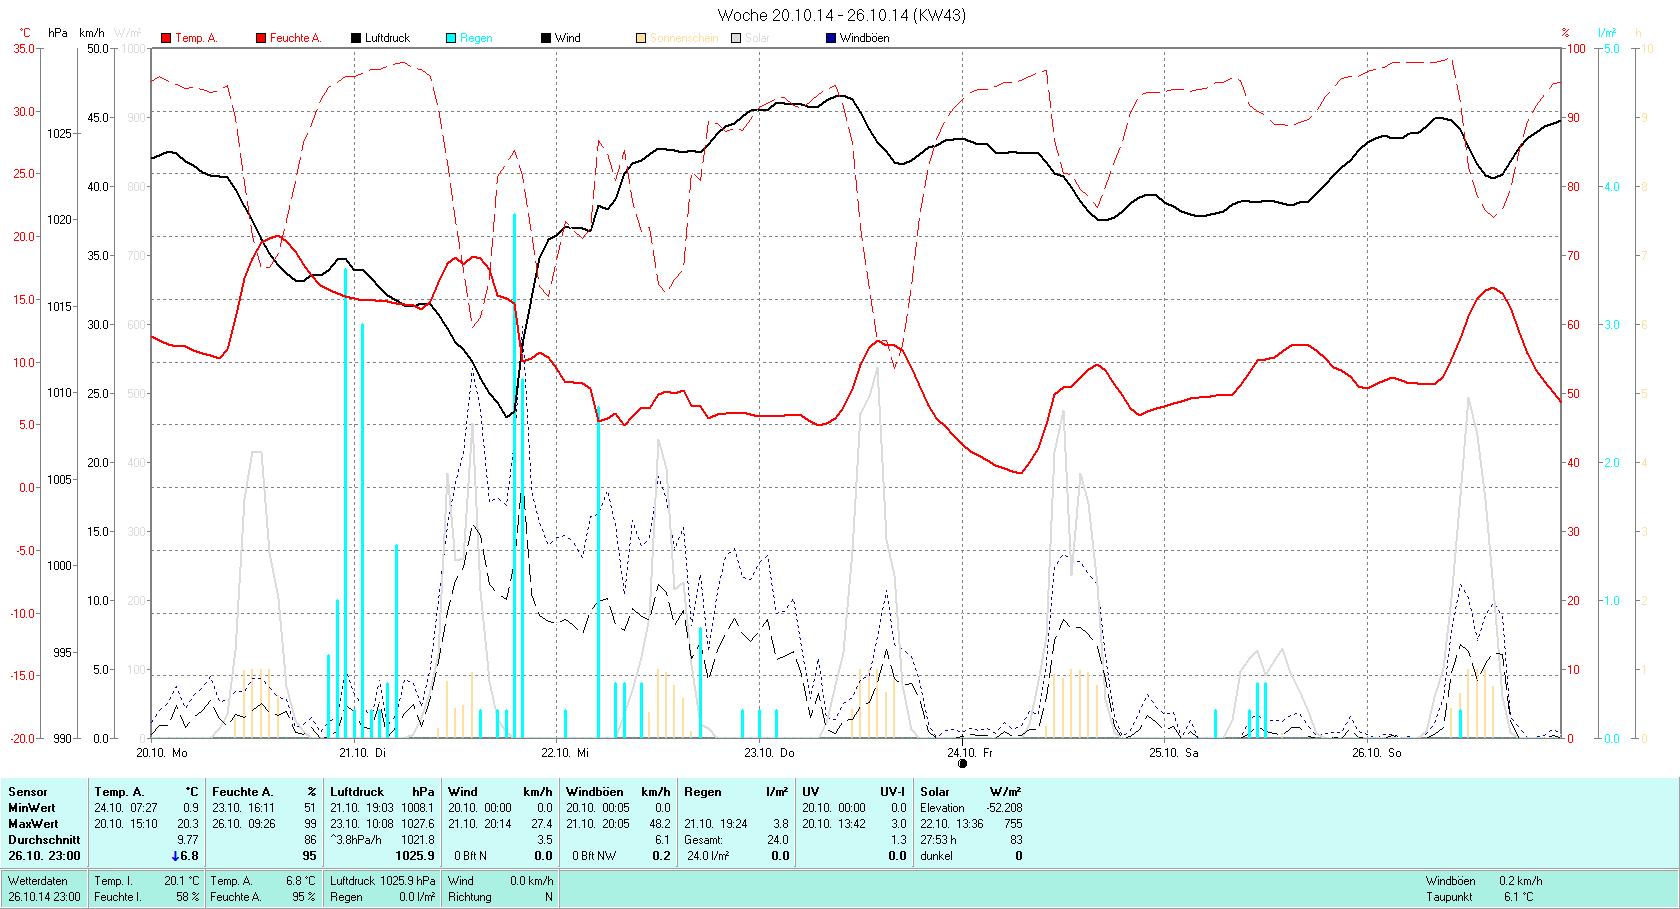 KW 43 Tmin  0.9°C, Tmax 20.3°C, Sonne 27:53h, Niederschlag 24.0mm/2